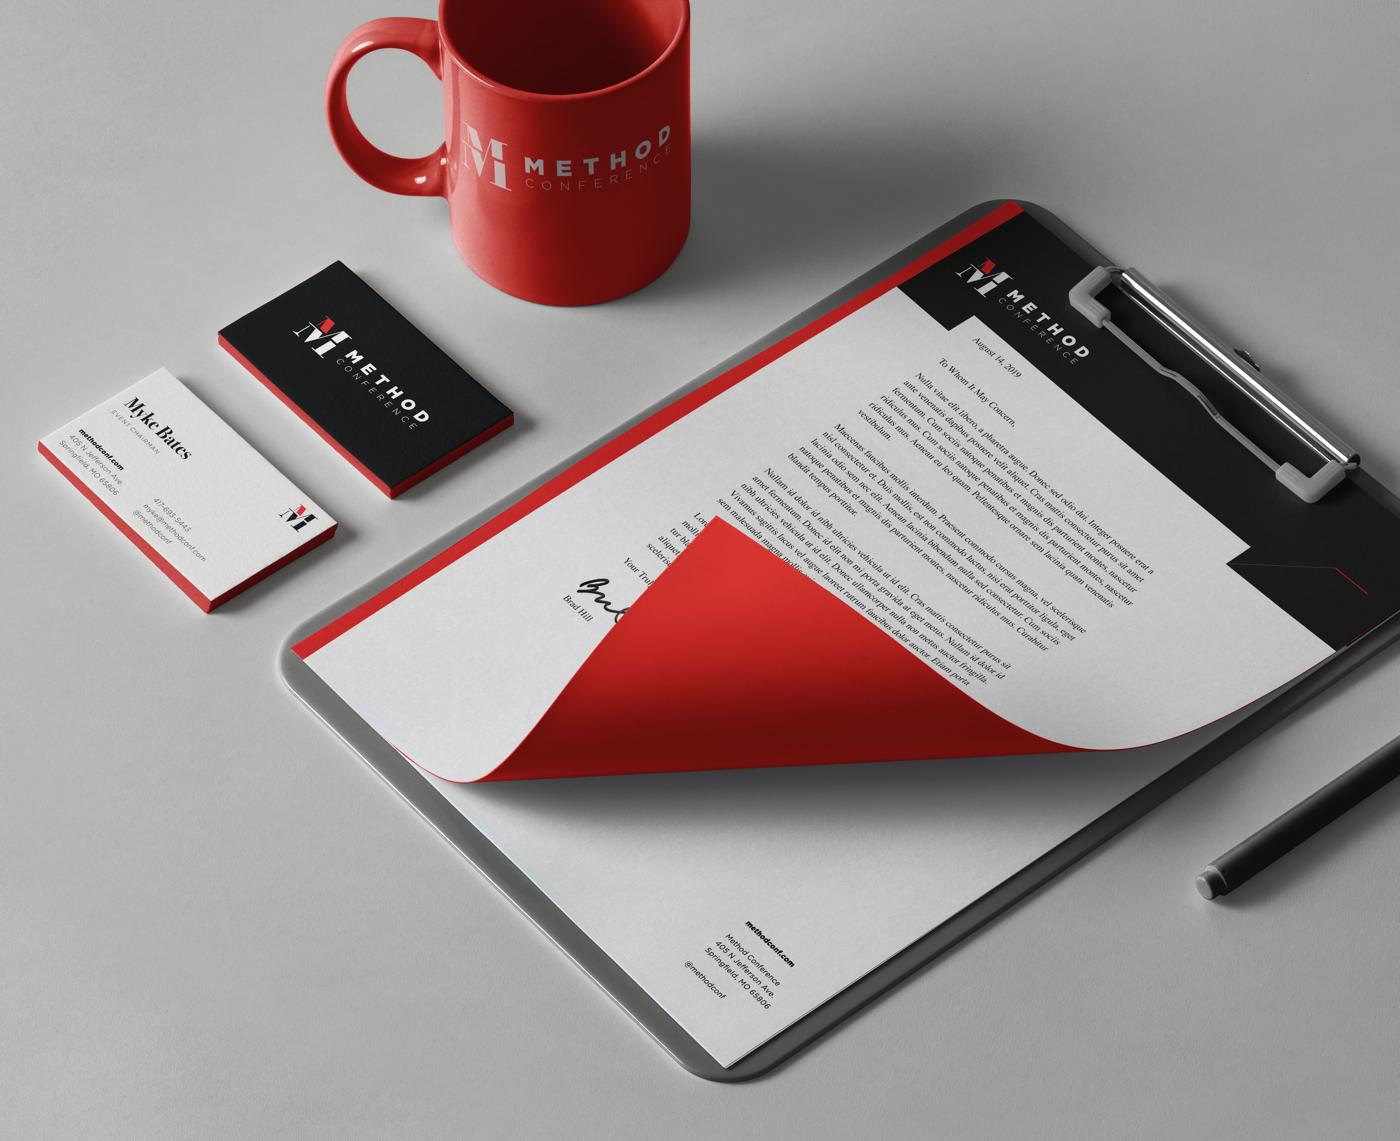 Method-Stationery-Branding-Mockup@1x